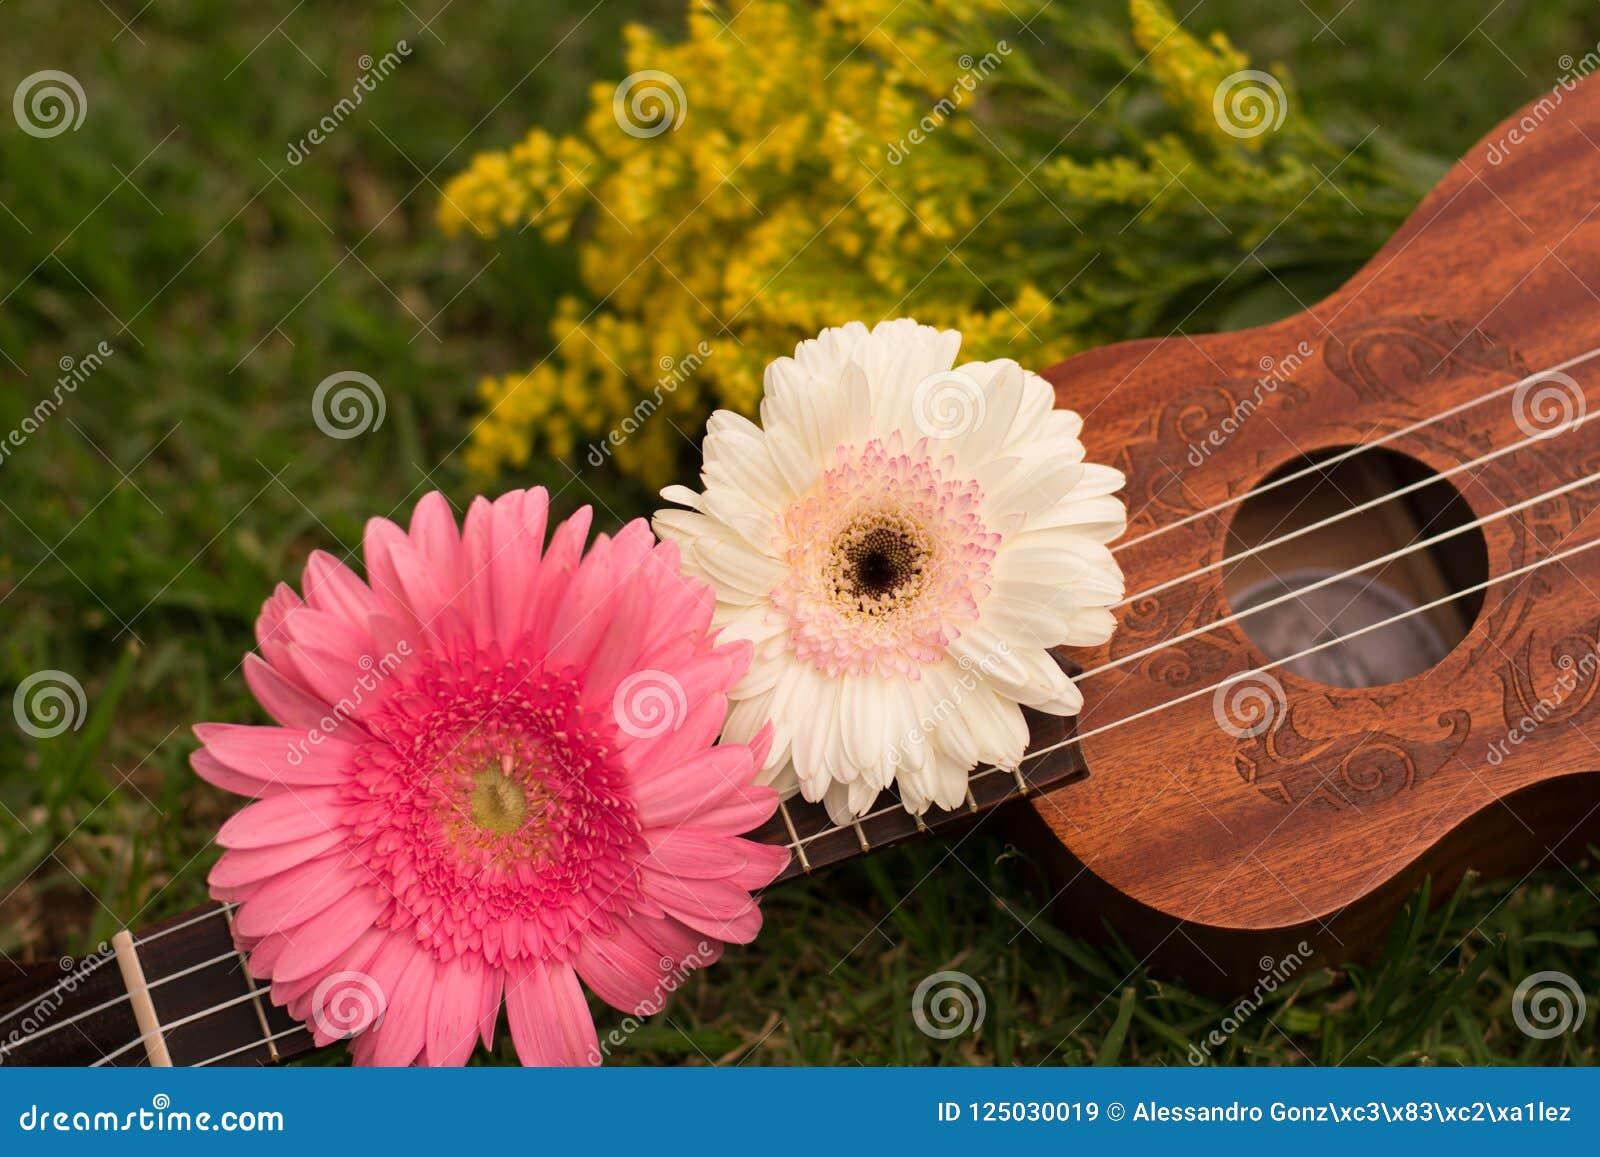 Soprano da uquelele decorado com flores do gerbera